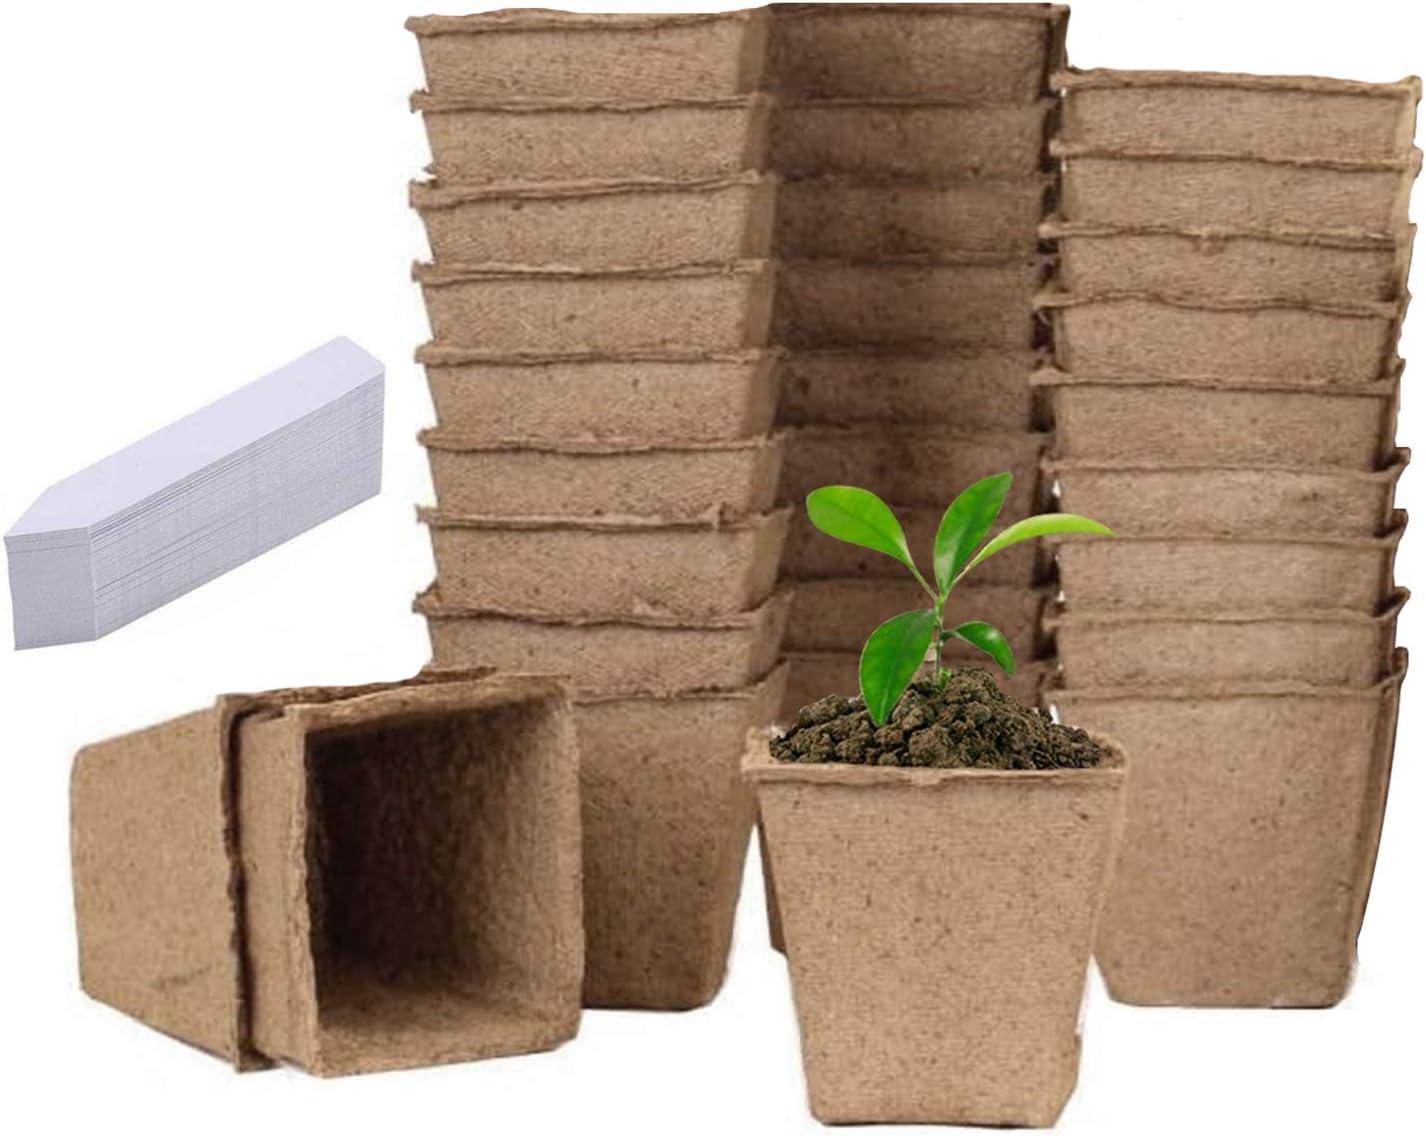 Semilleros De Germinacion Biodegradables, Germinador De Semillas, Semilleros Huerto Invernadero Pequeño Bandejas para Semilleros Terraza Set Jardineria (B-Cuadrado, 30pc)